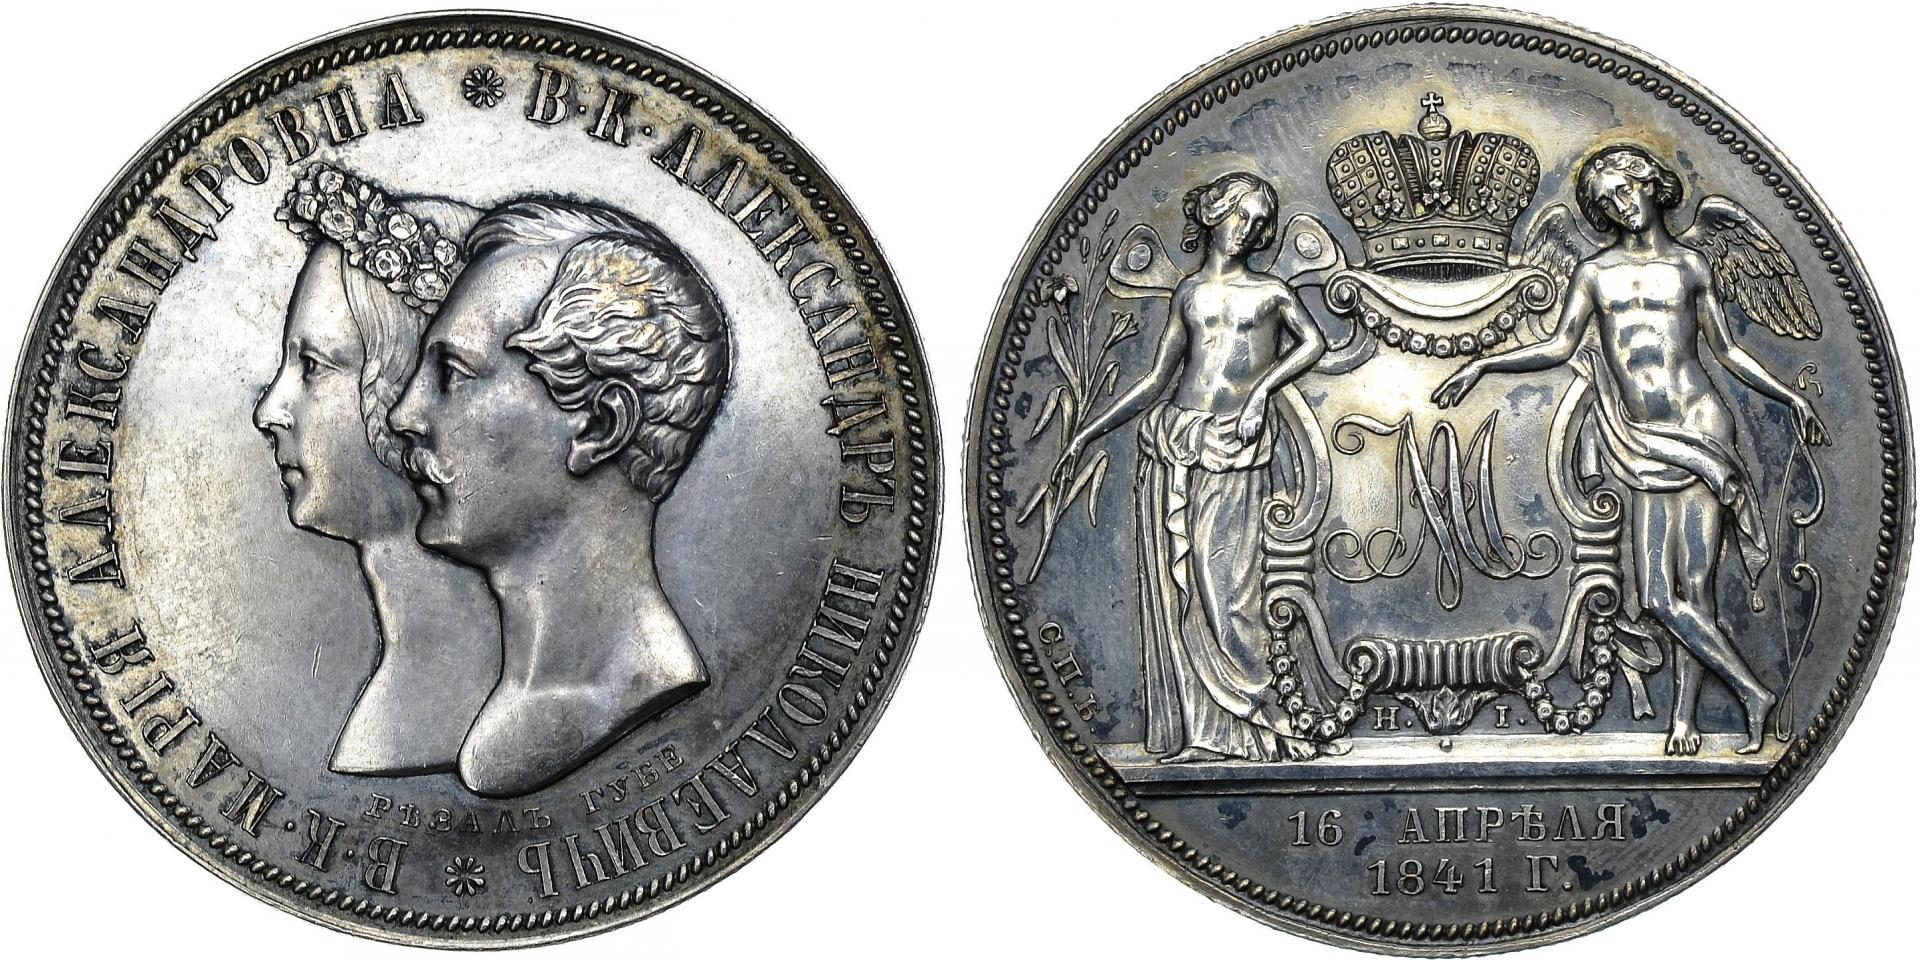 Рубль 1841 монета сша 100 лет штату миссури